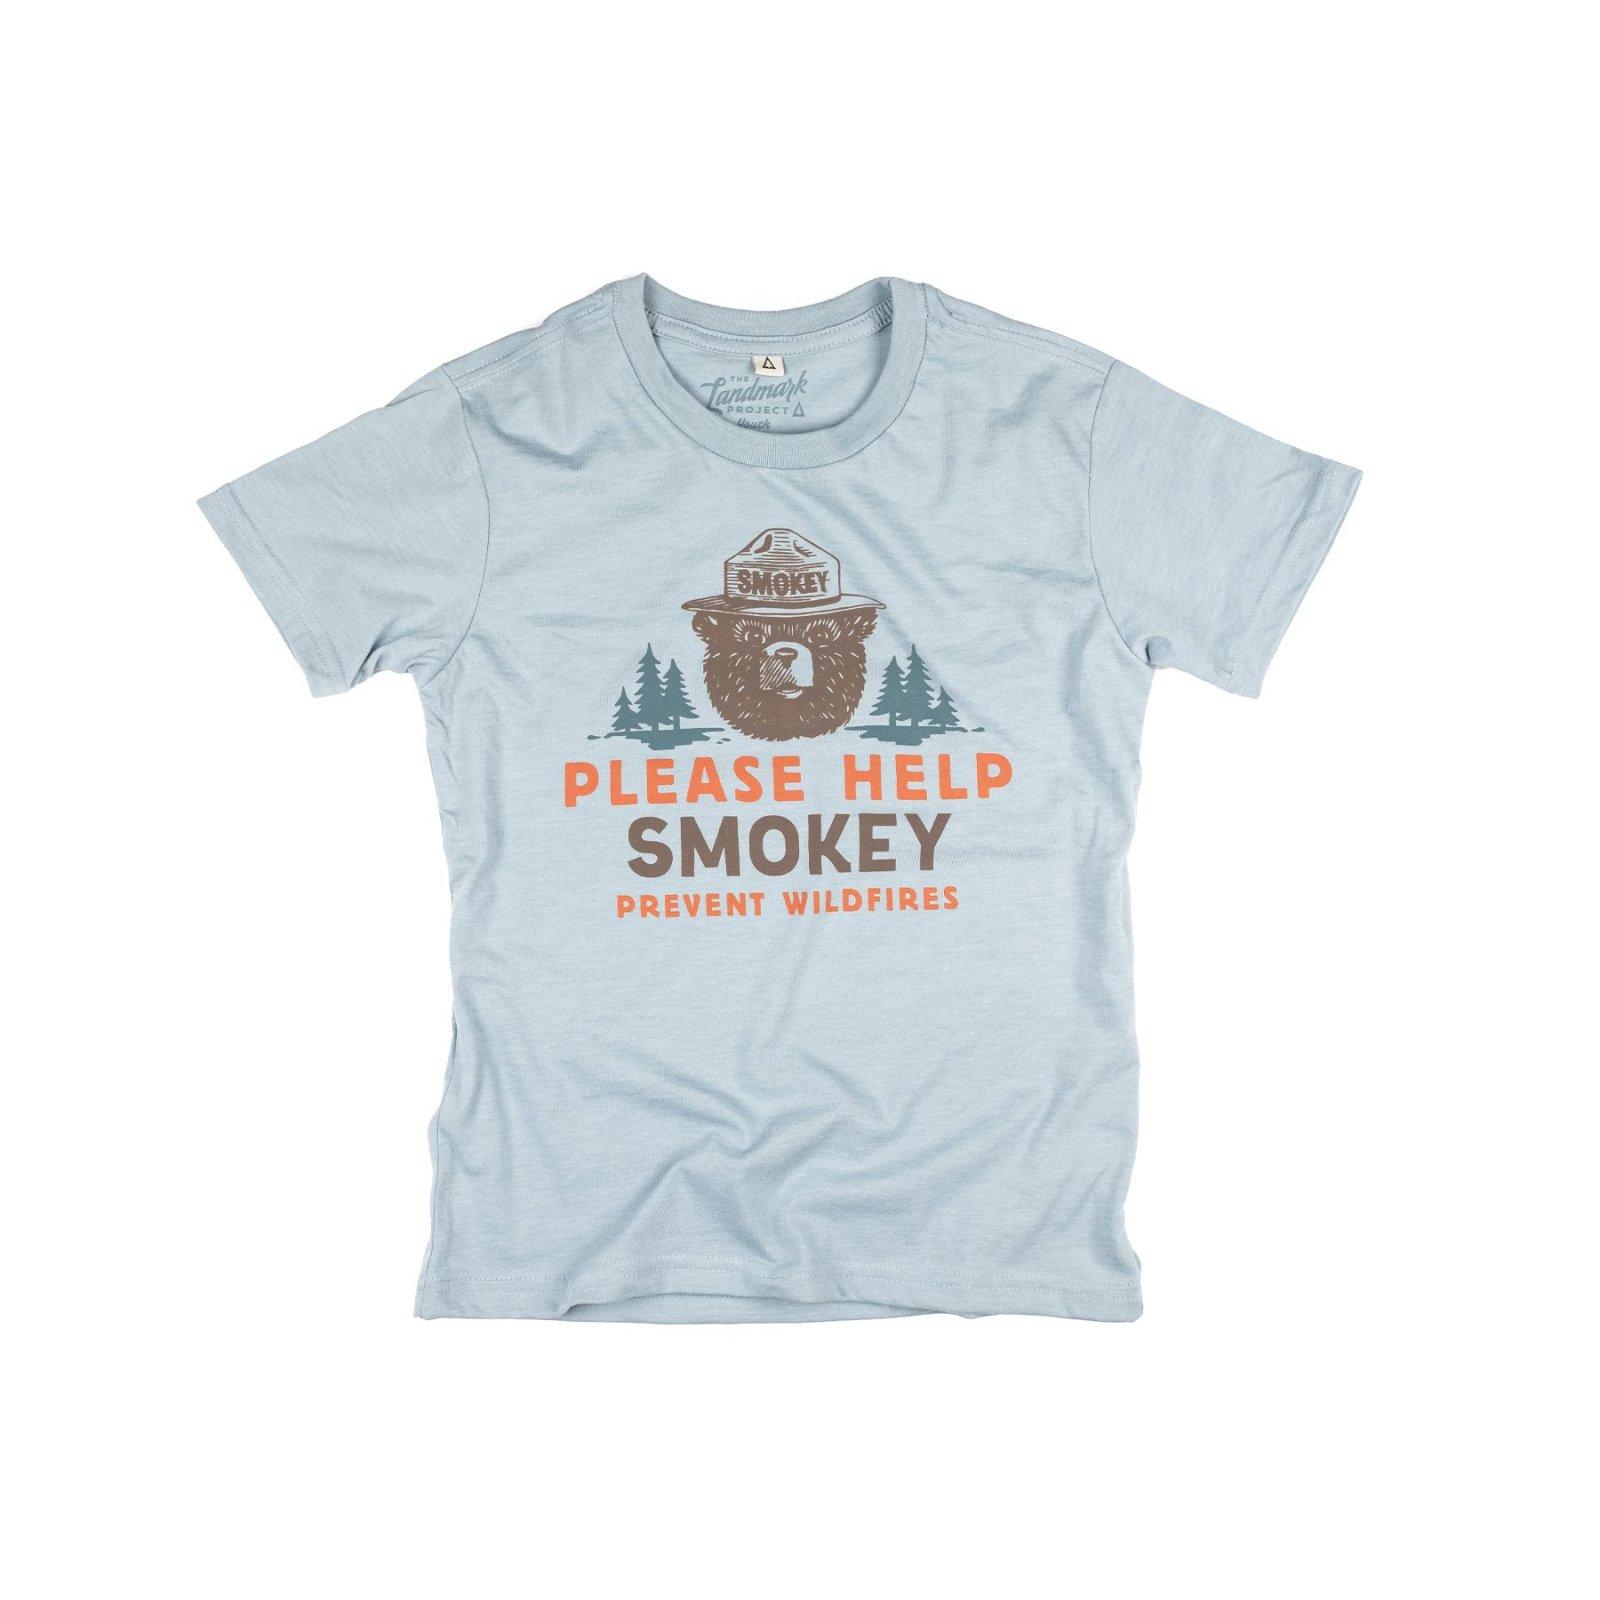 tLP Help Smokey Youth Tshirt